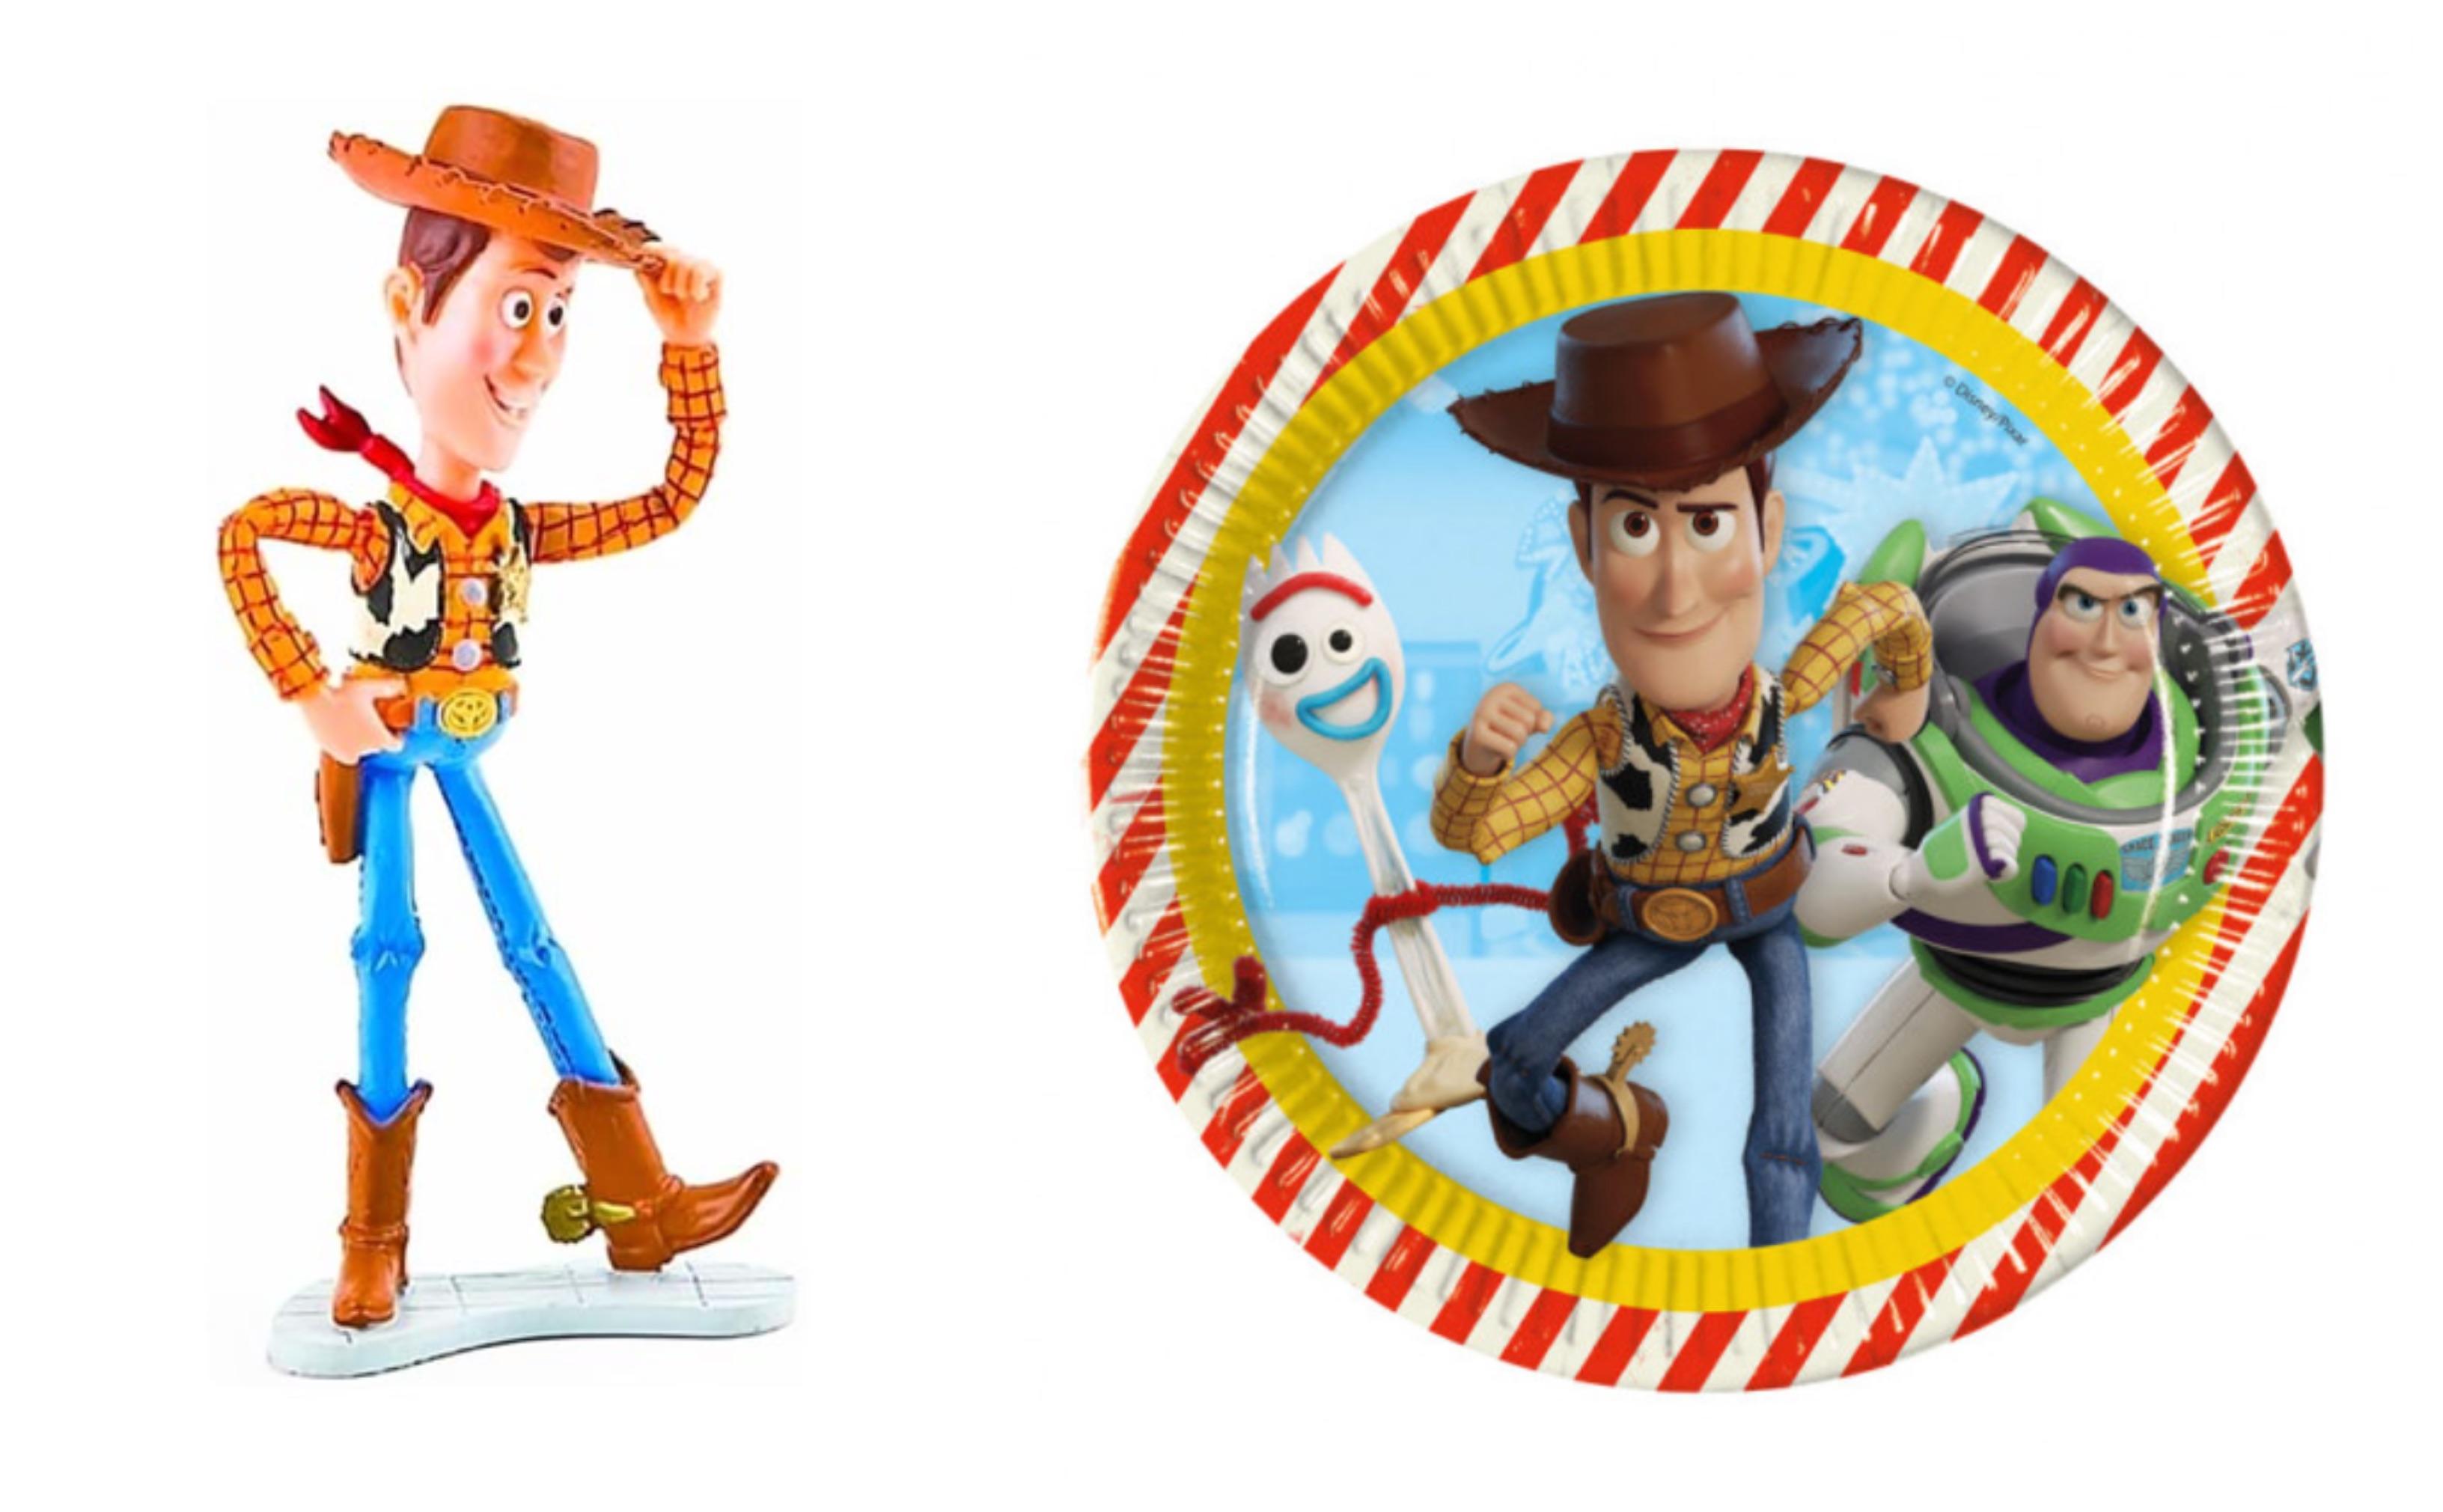 toy story 4 fødselsdag, toy story 4 festartikler, fødselsdag med toy story 4 tema, disney fødselsdagsfest